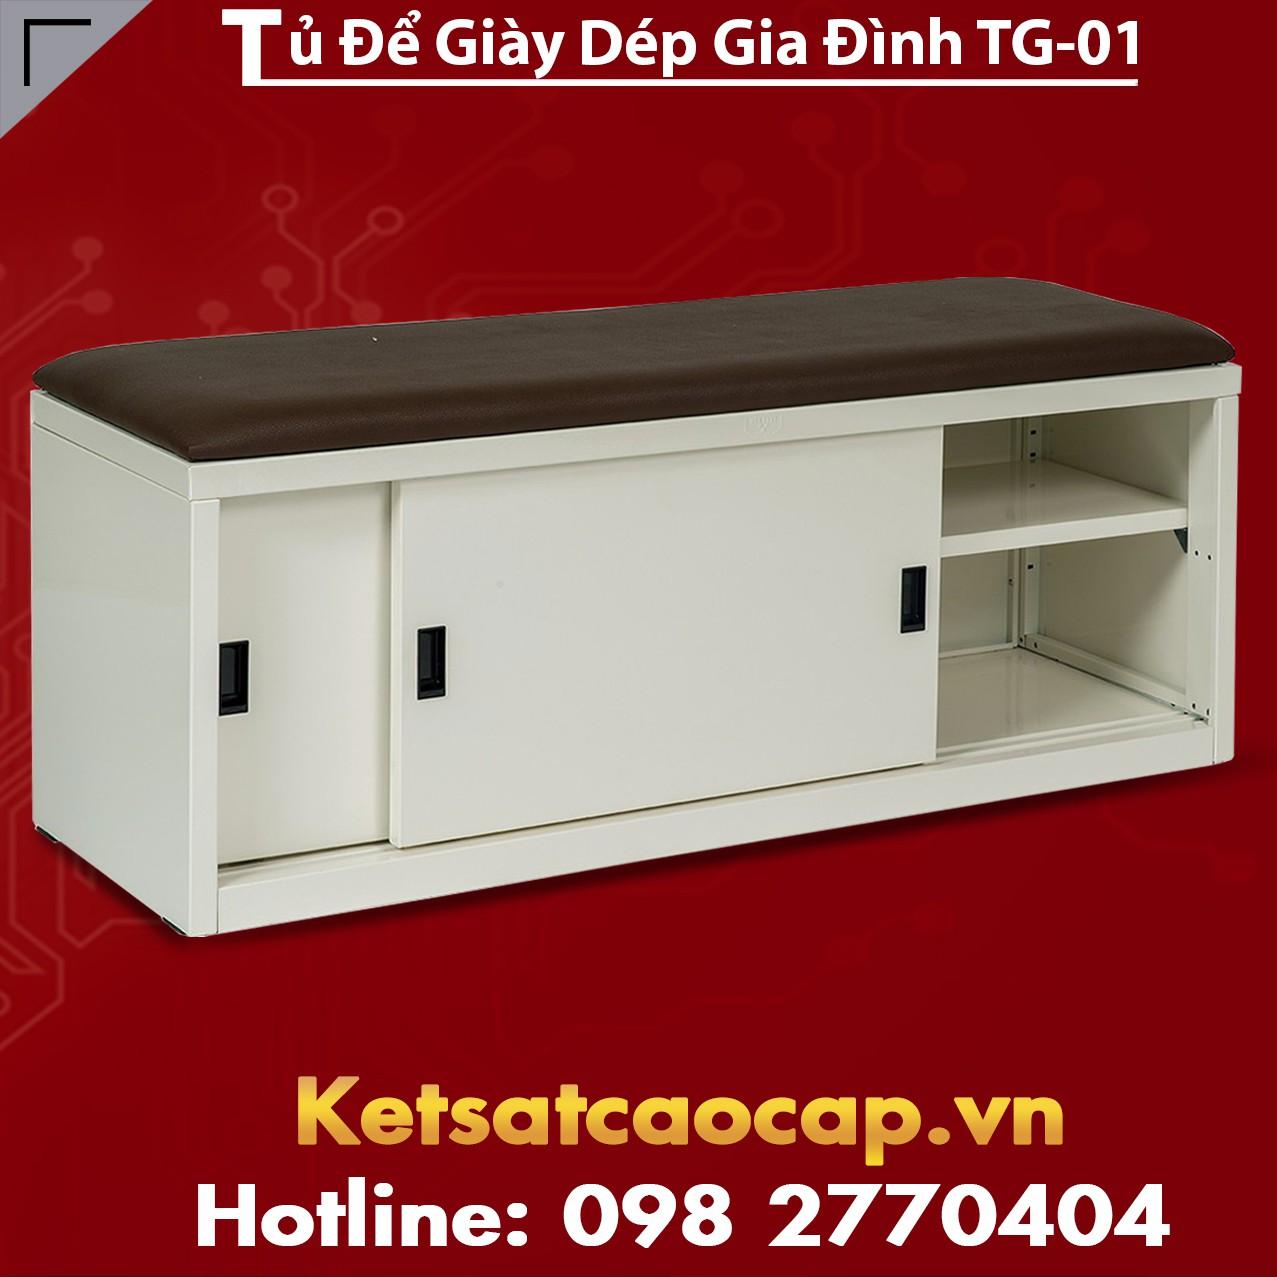 Tủ Để Giày Dép Gia Đình TG-01